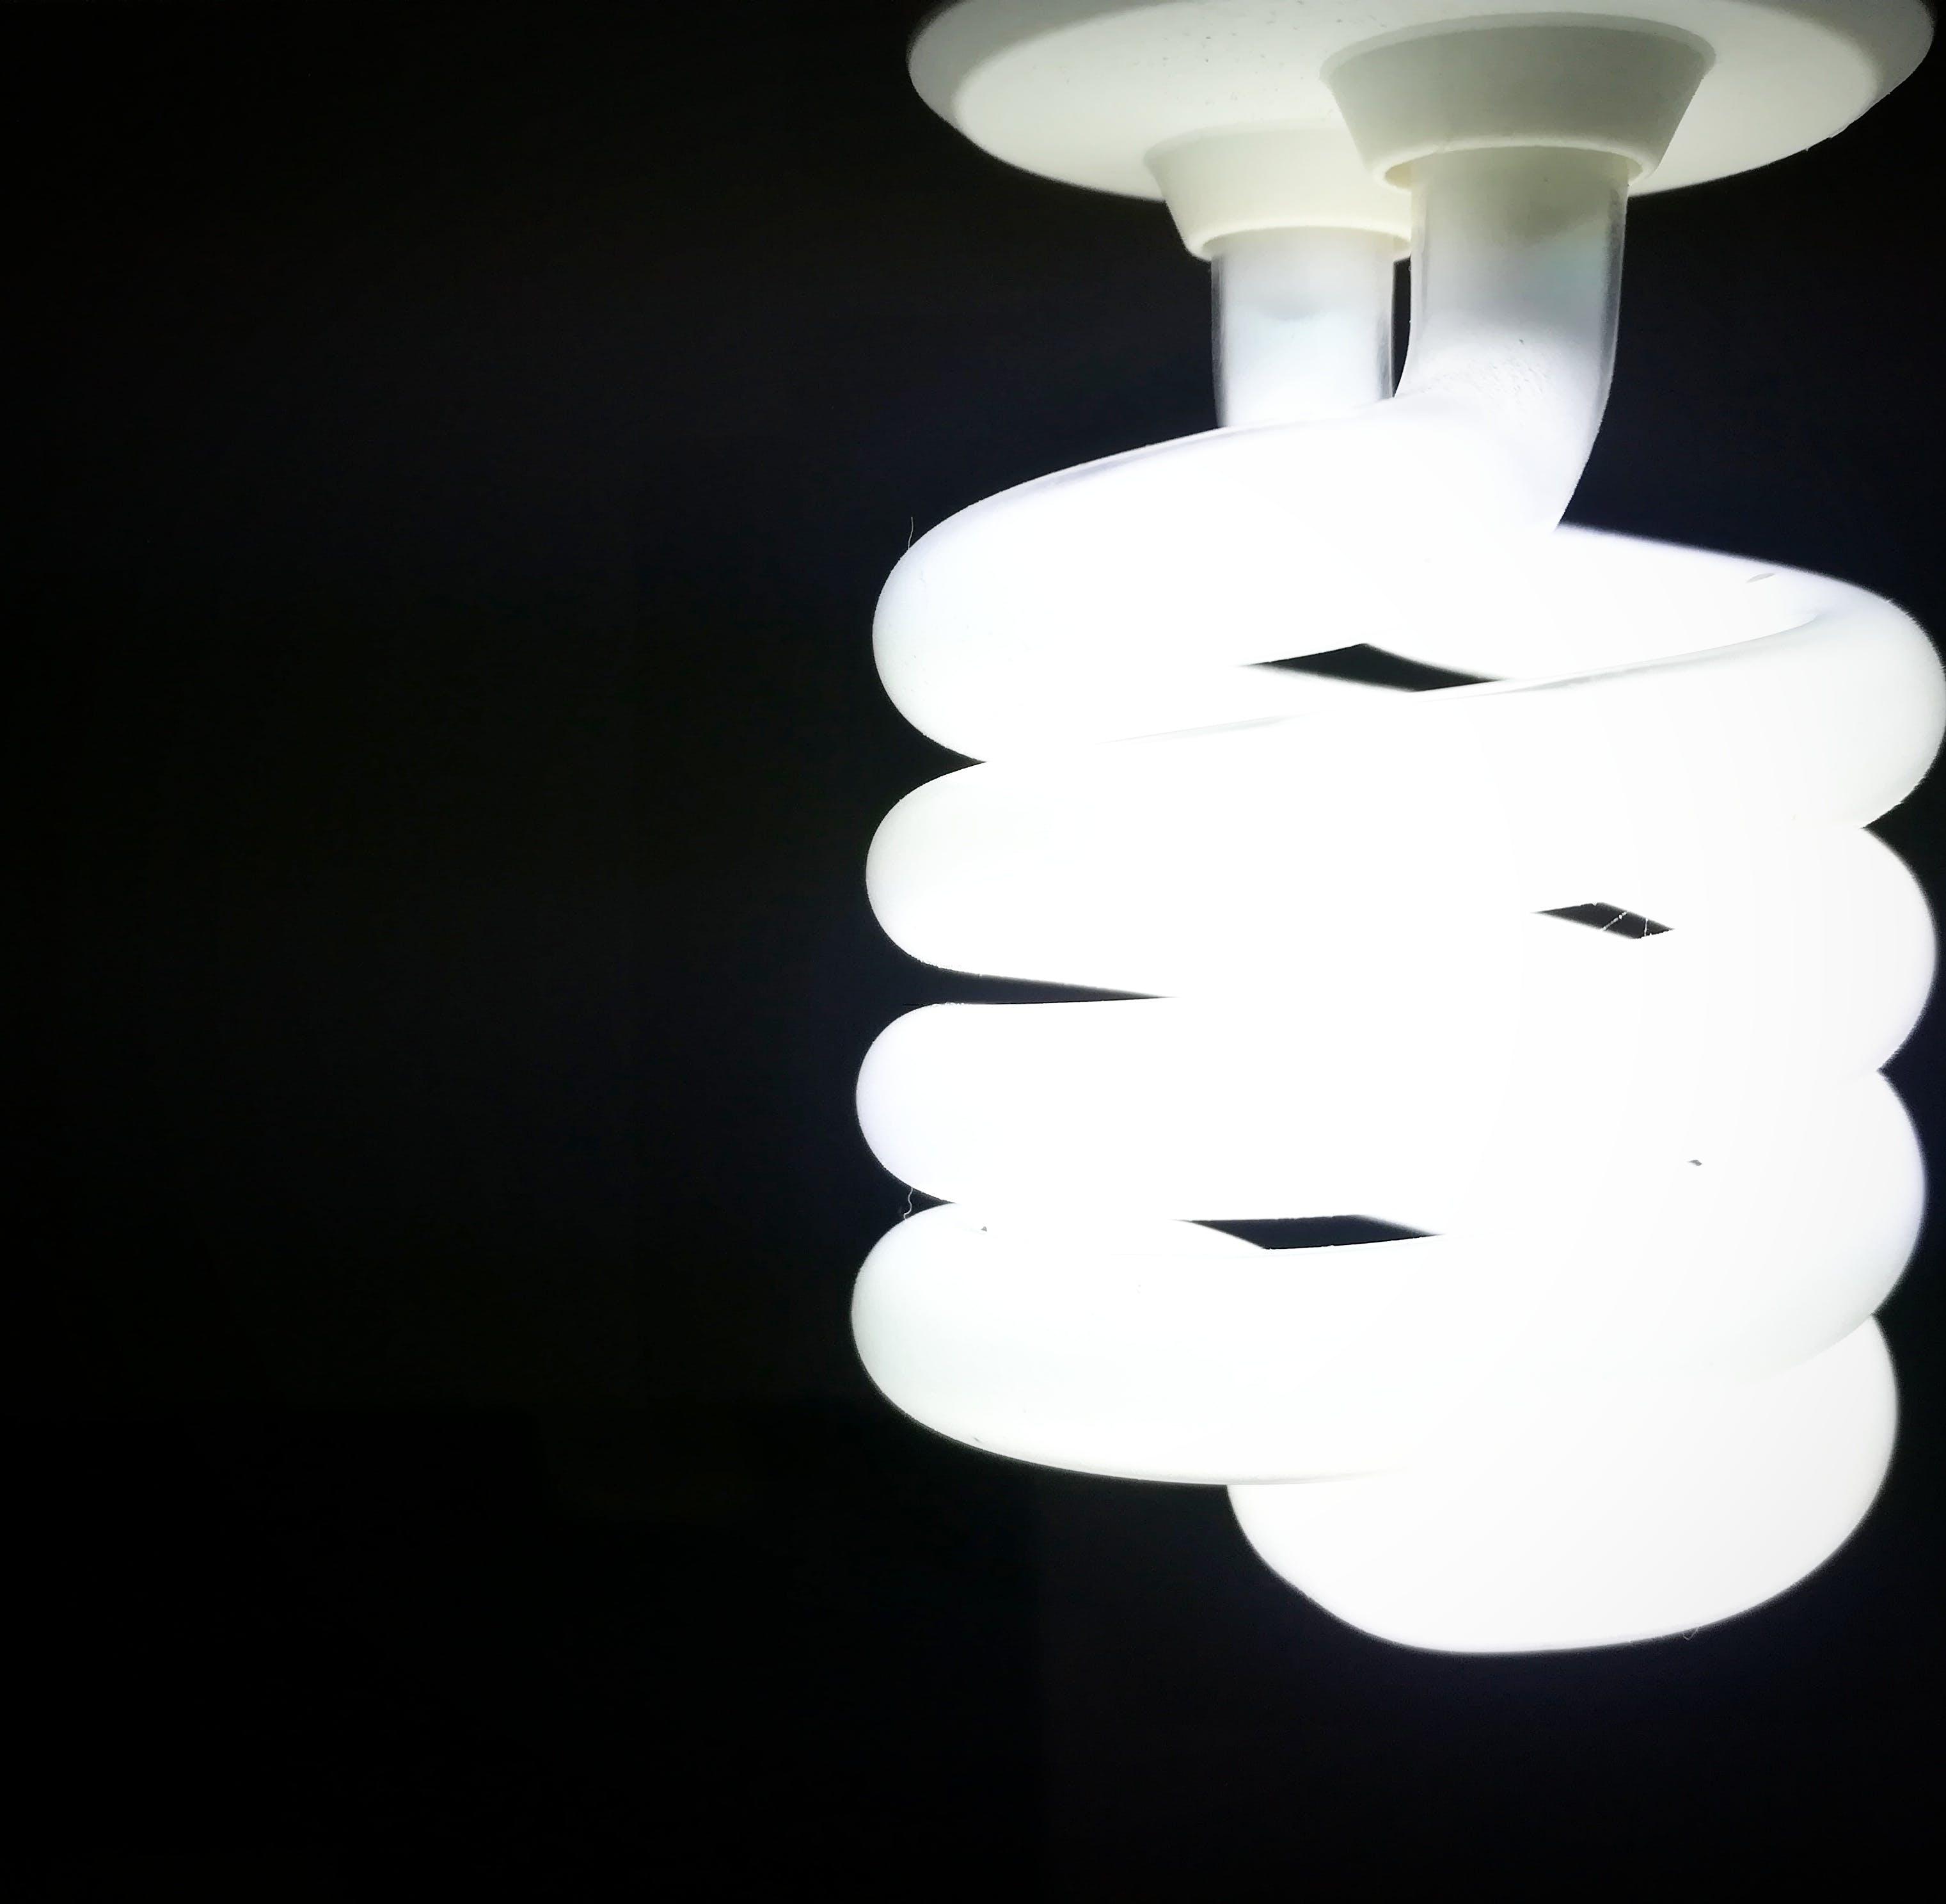 Free stock photo of brightness, dark, light